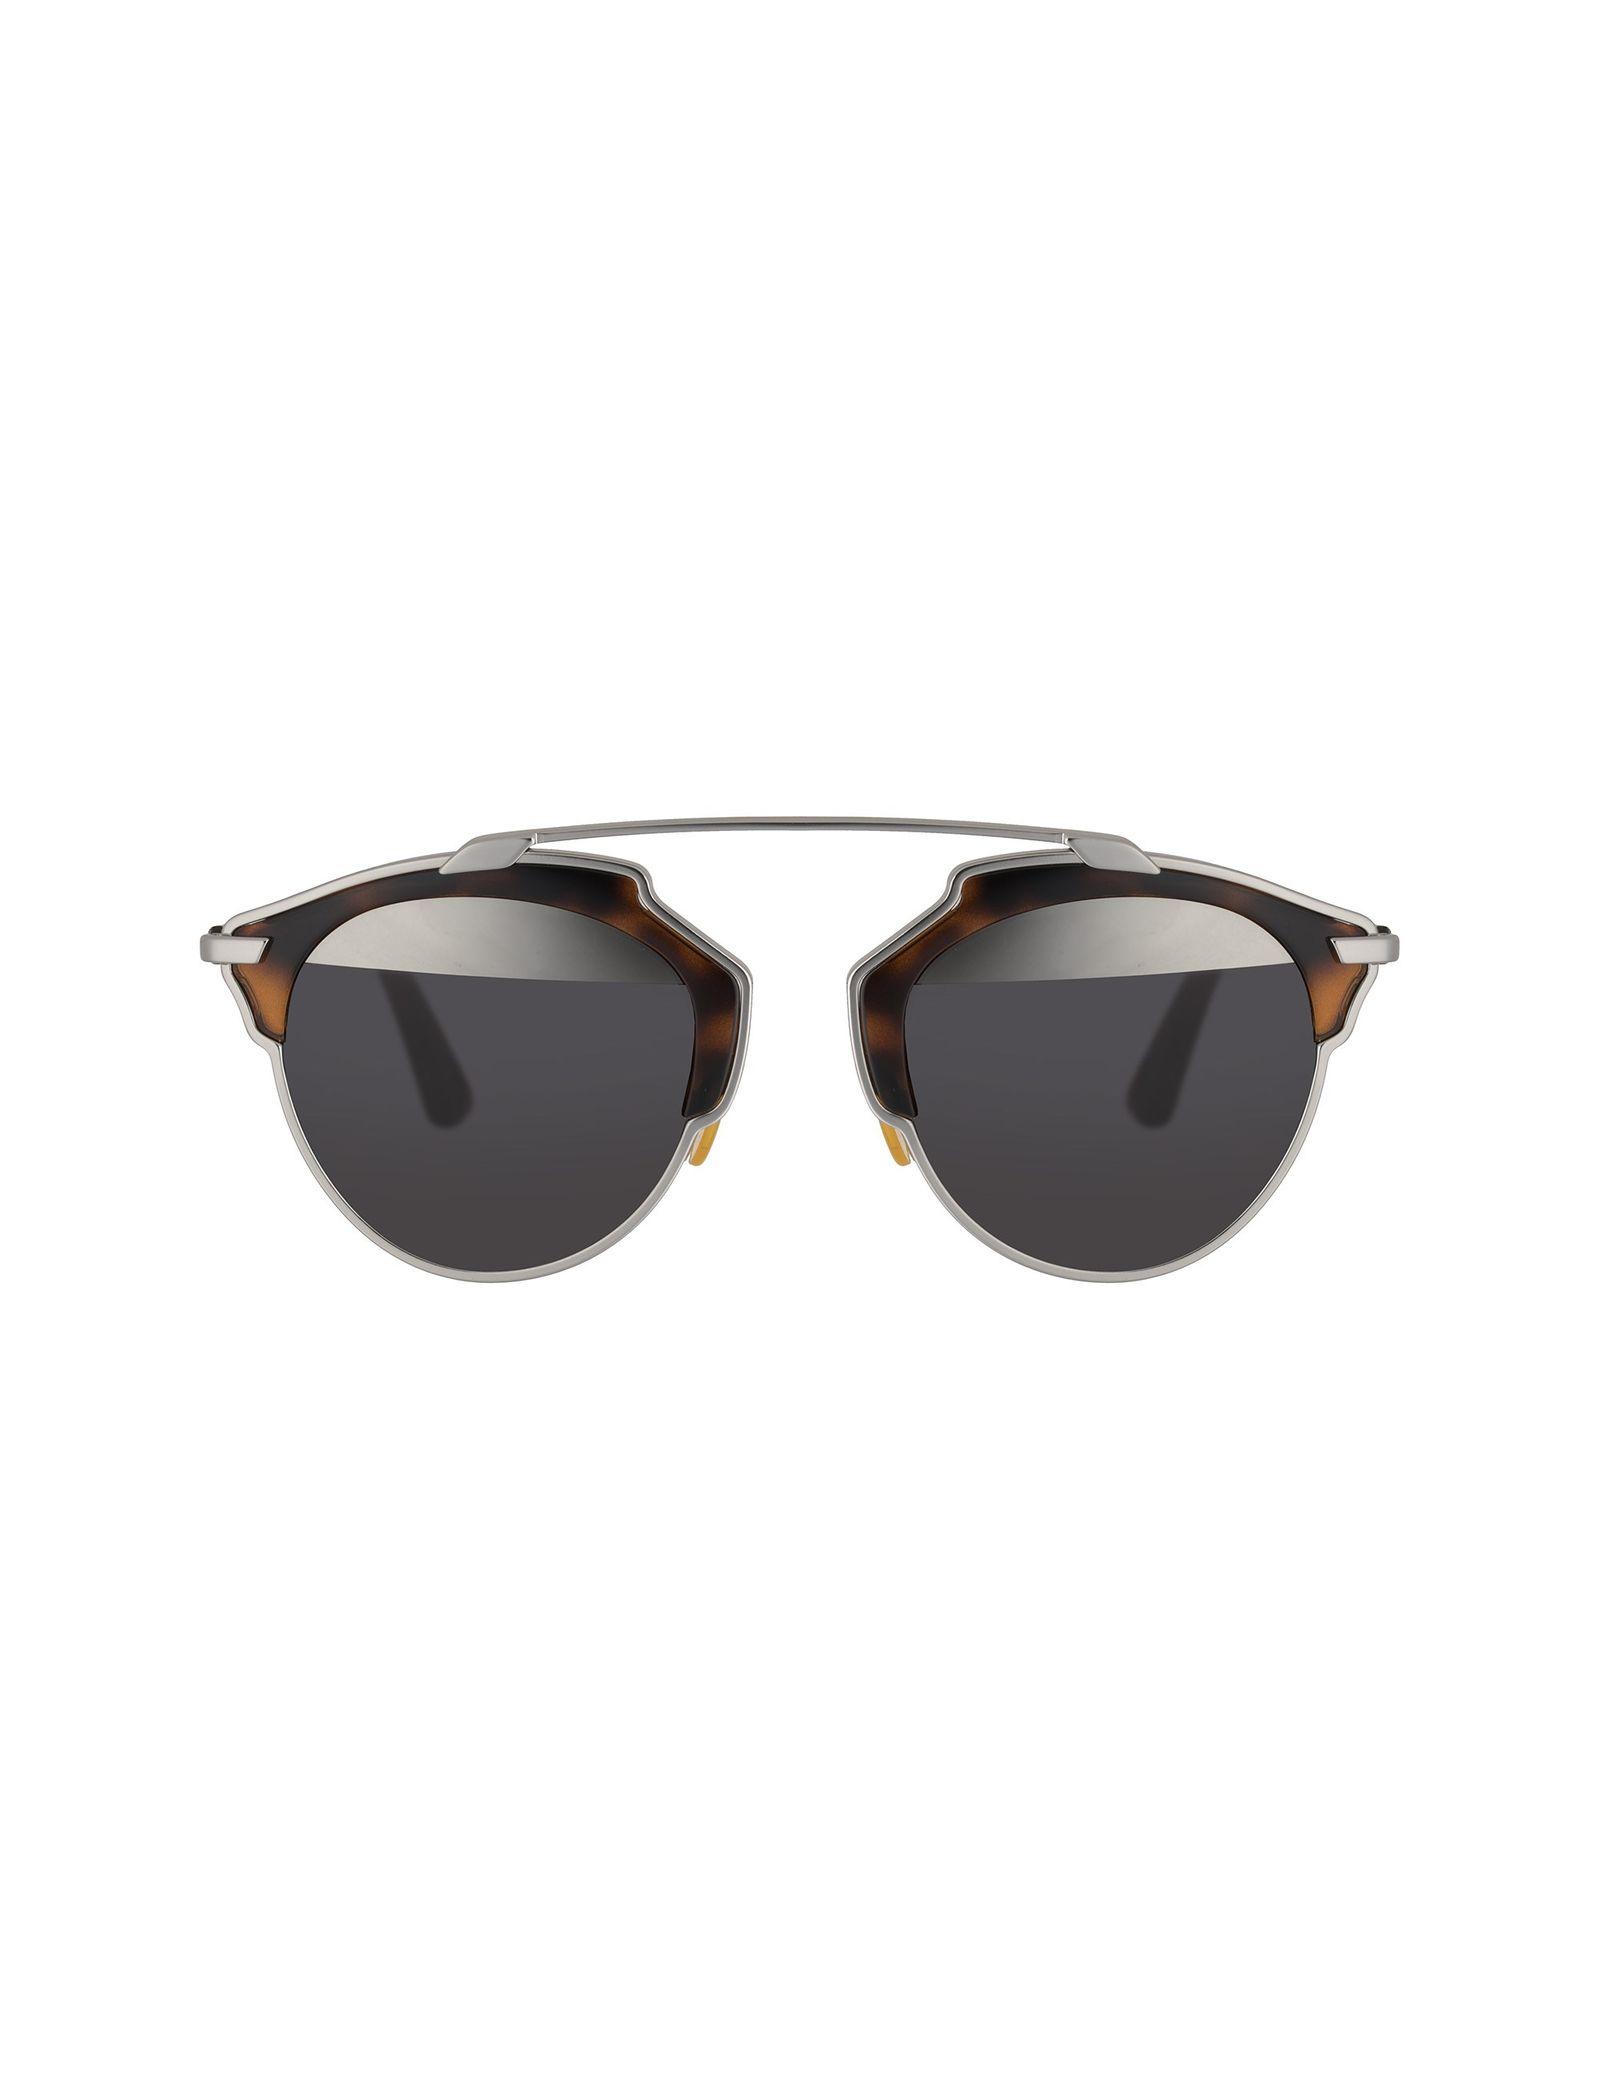 عینک آفتابی پنتوس زنانه - دیور - قهوه اي  - 1